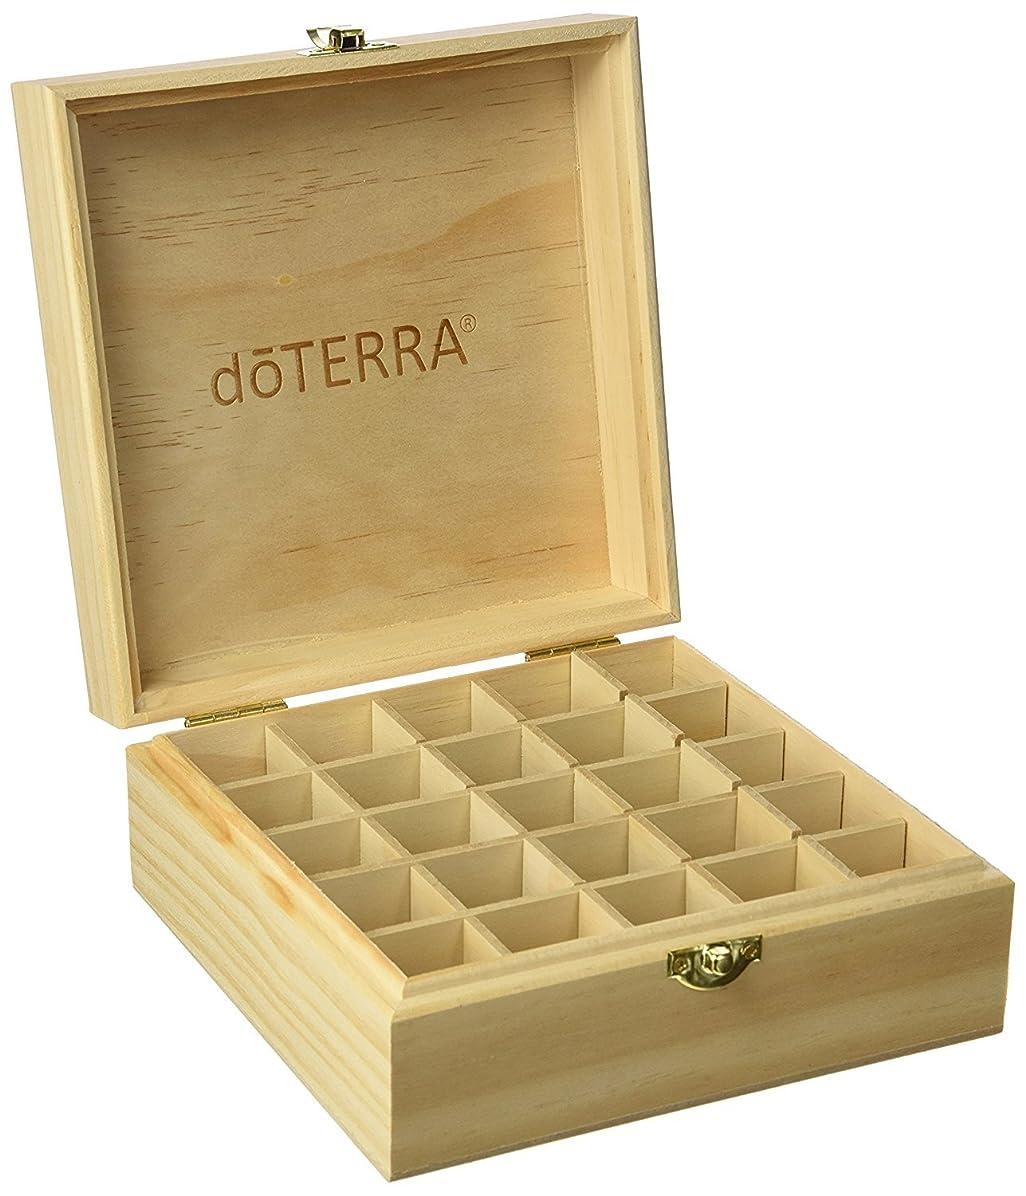 前述の安西戦うエッセンシャルオイル収納ボックス25本用 エッセンシャルオイルボックス 20 mlのボトルを15 mlのための25のブロックによって木製のキャビネット